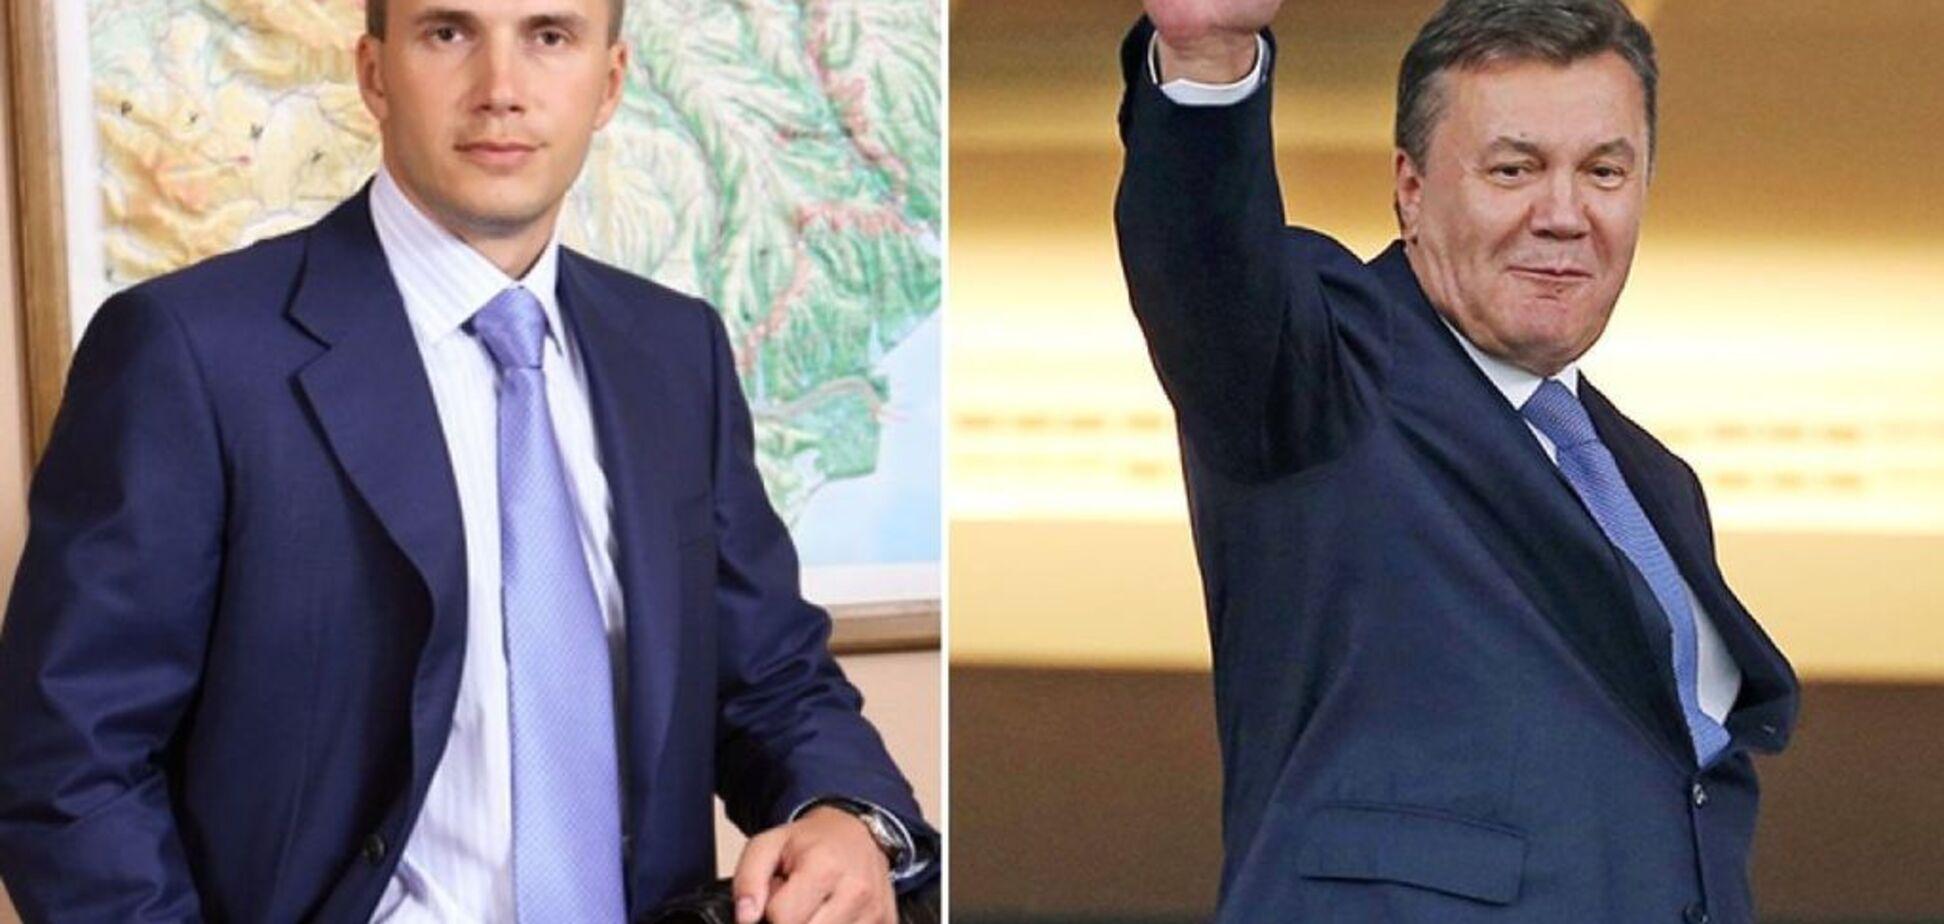 Син Януковича продав свою останню нерухомість у Криму: що трапилося